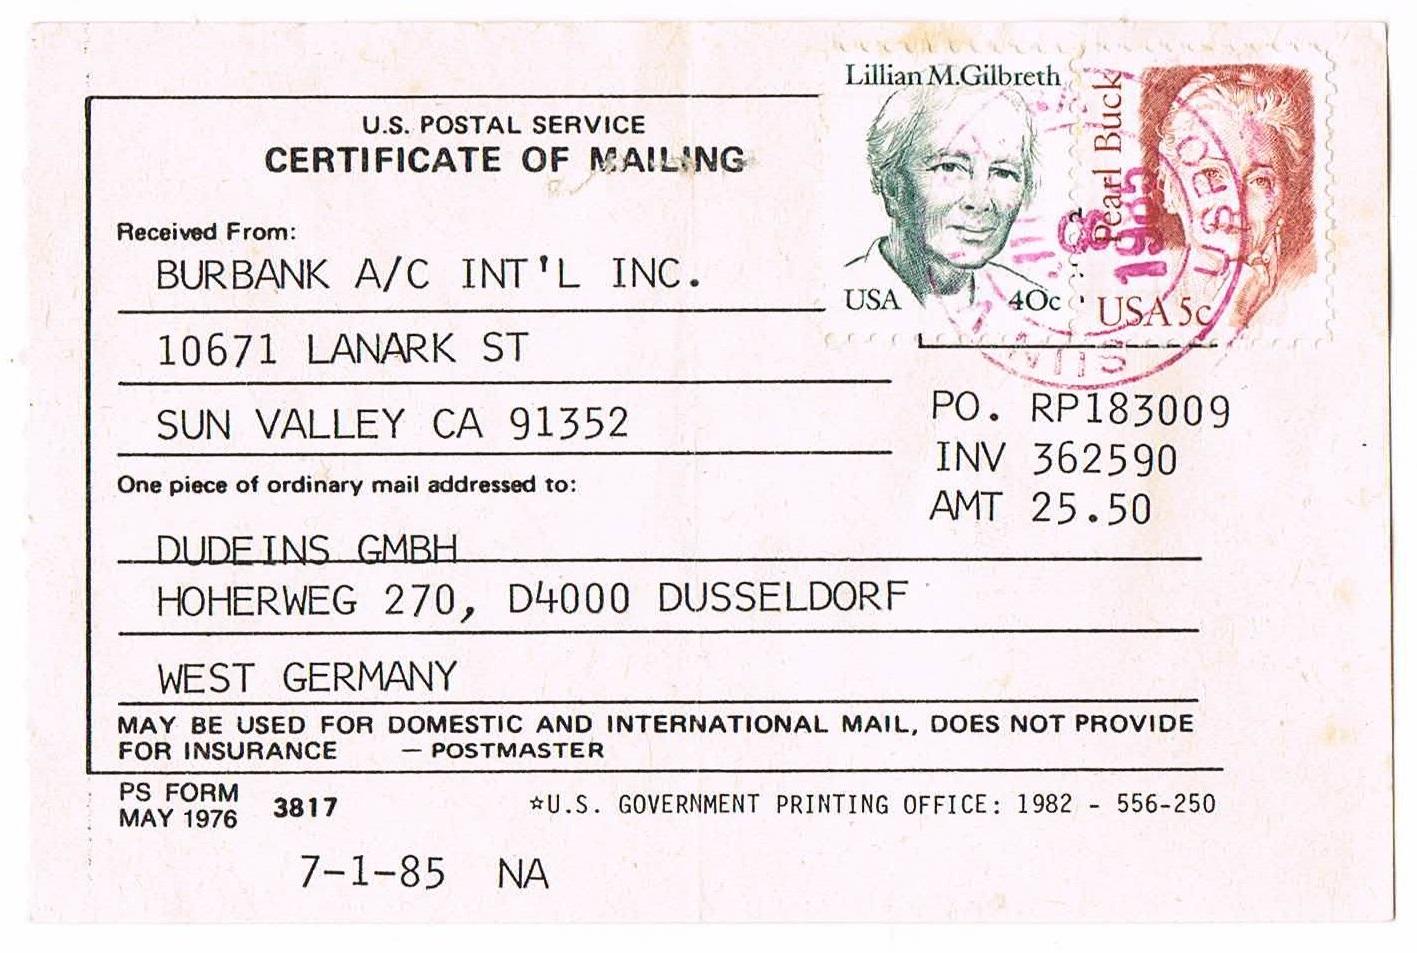 Philaseiten usa einlieferungsformular ps form 3817 certificate of mailing der us post vom 8 juni oder juli 1985 die rckseite dieses scheins ist blanko und weist keine weiteren angaben auf 1betcityfo Image collections